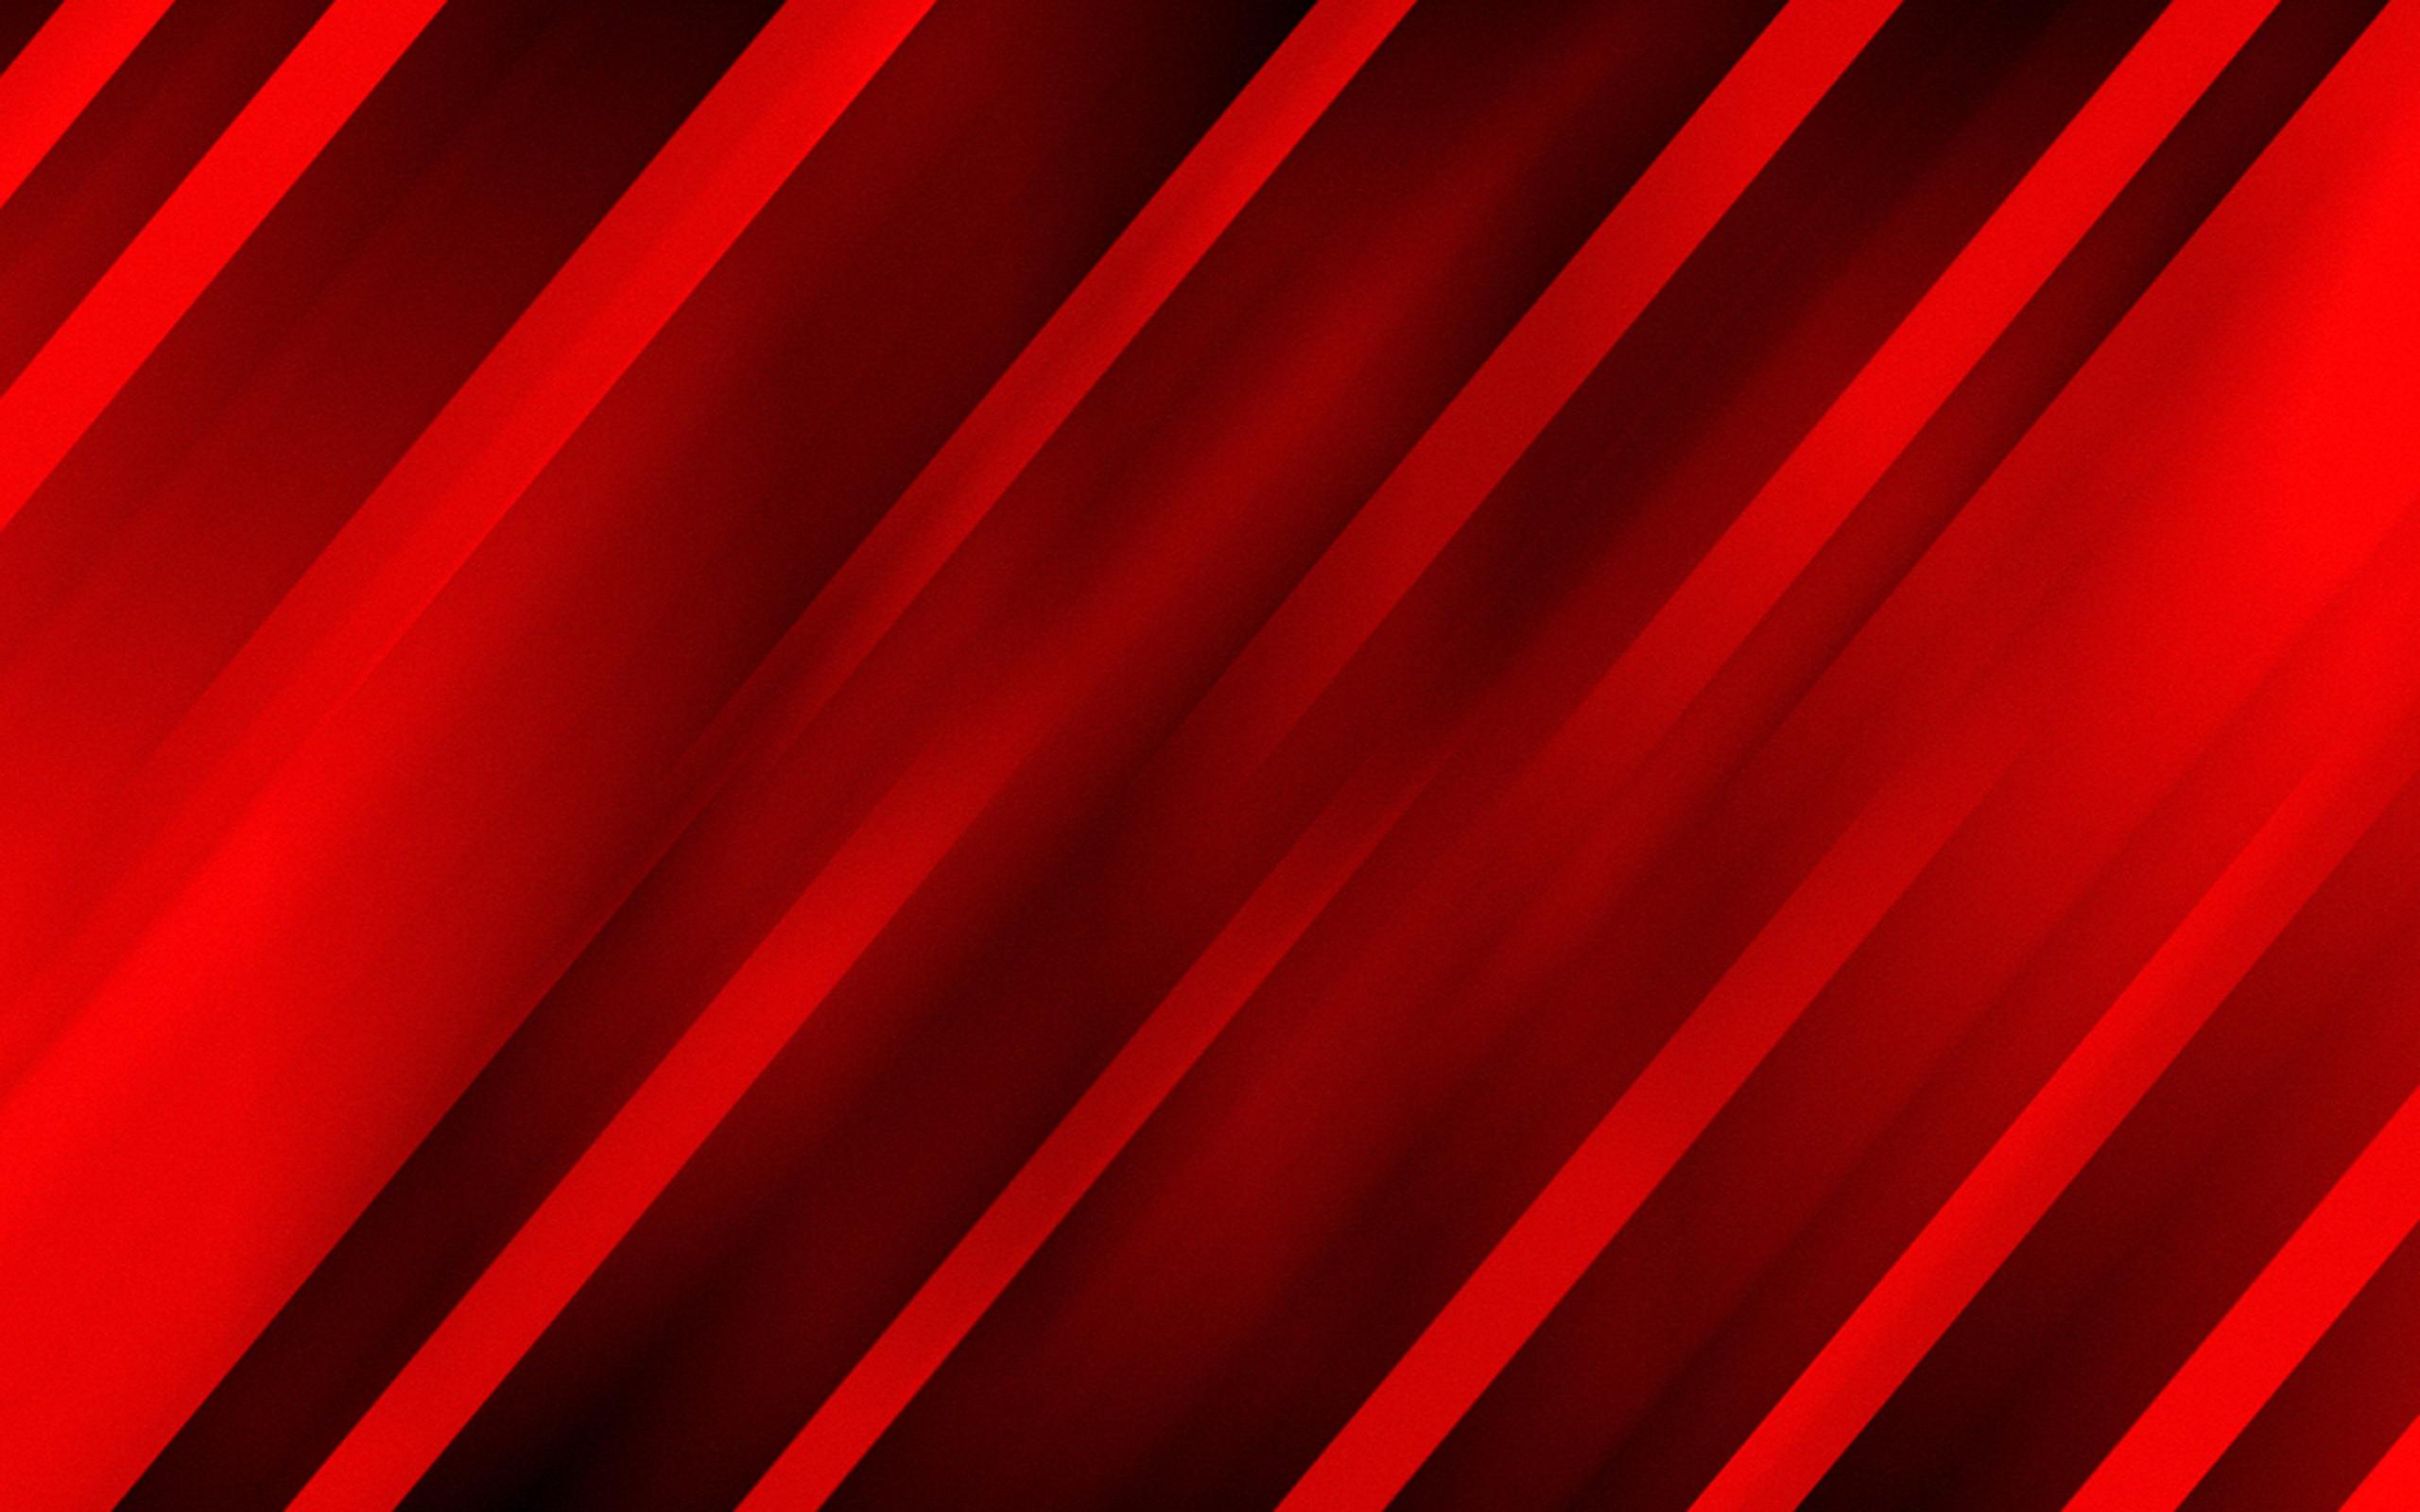 Rosso Hd Wallpaper Sfondi 2560x1600 Id588513 Wallpaper Abyss